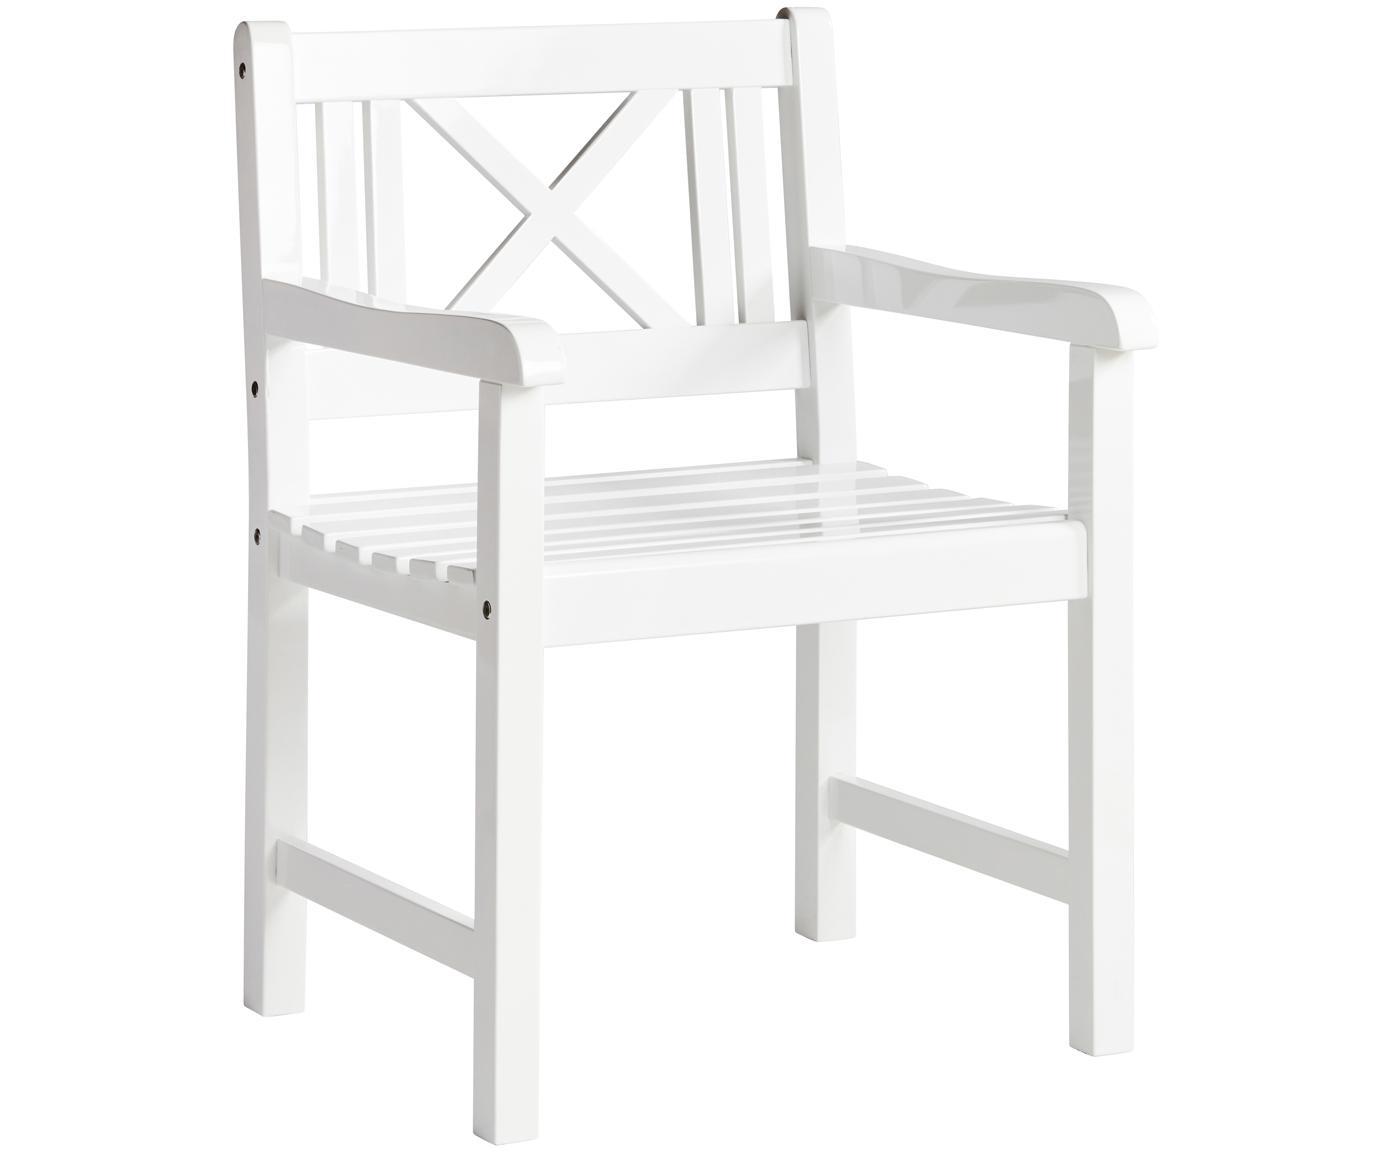 Sedia da giardino in legno Rosenborg, Legno di mogano, verniciato Possiede certificato V-legal, Bianco, Larg. 59 x Alt. 89 cm